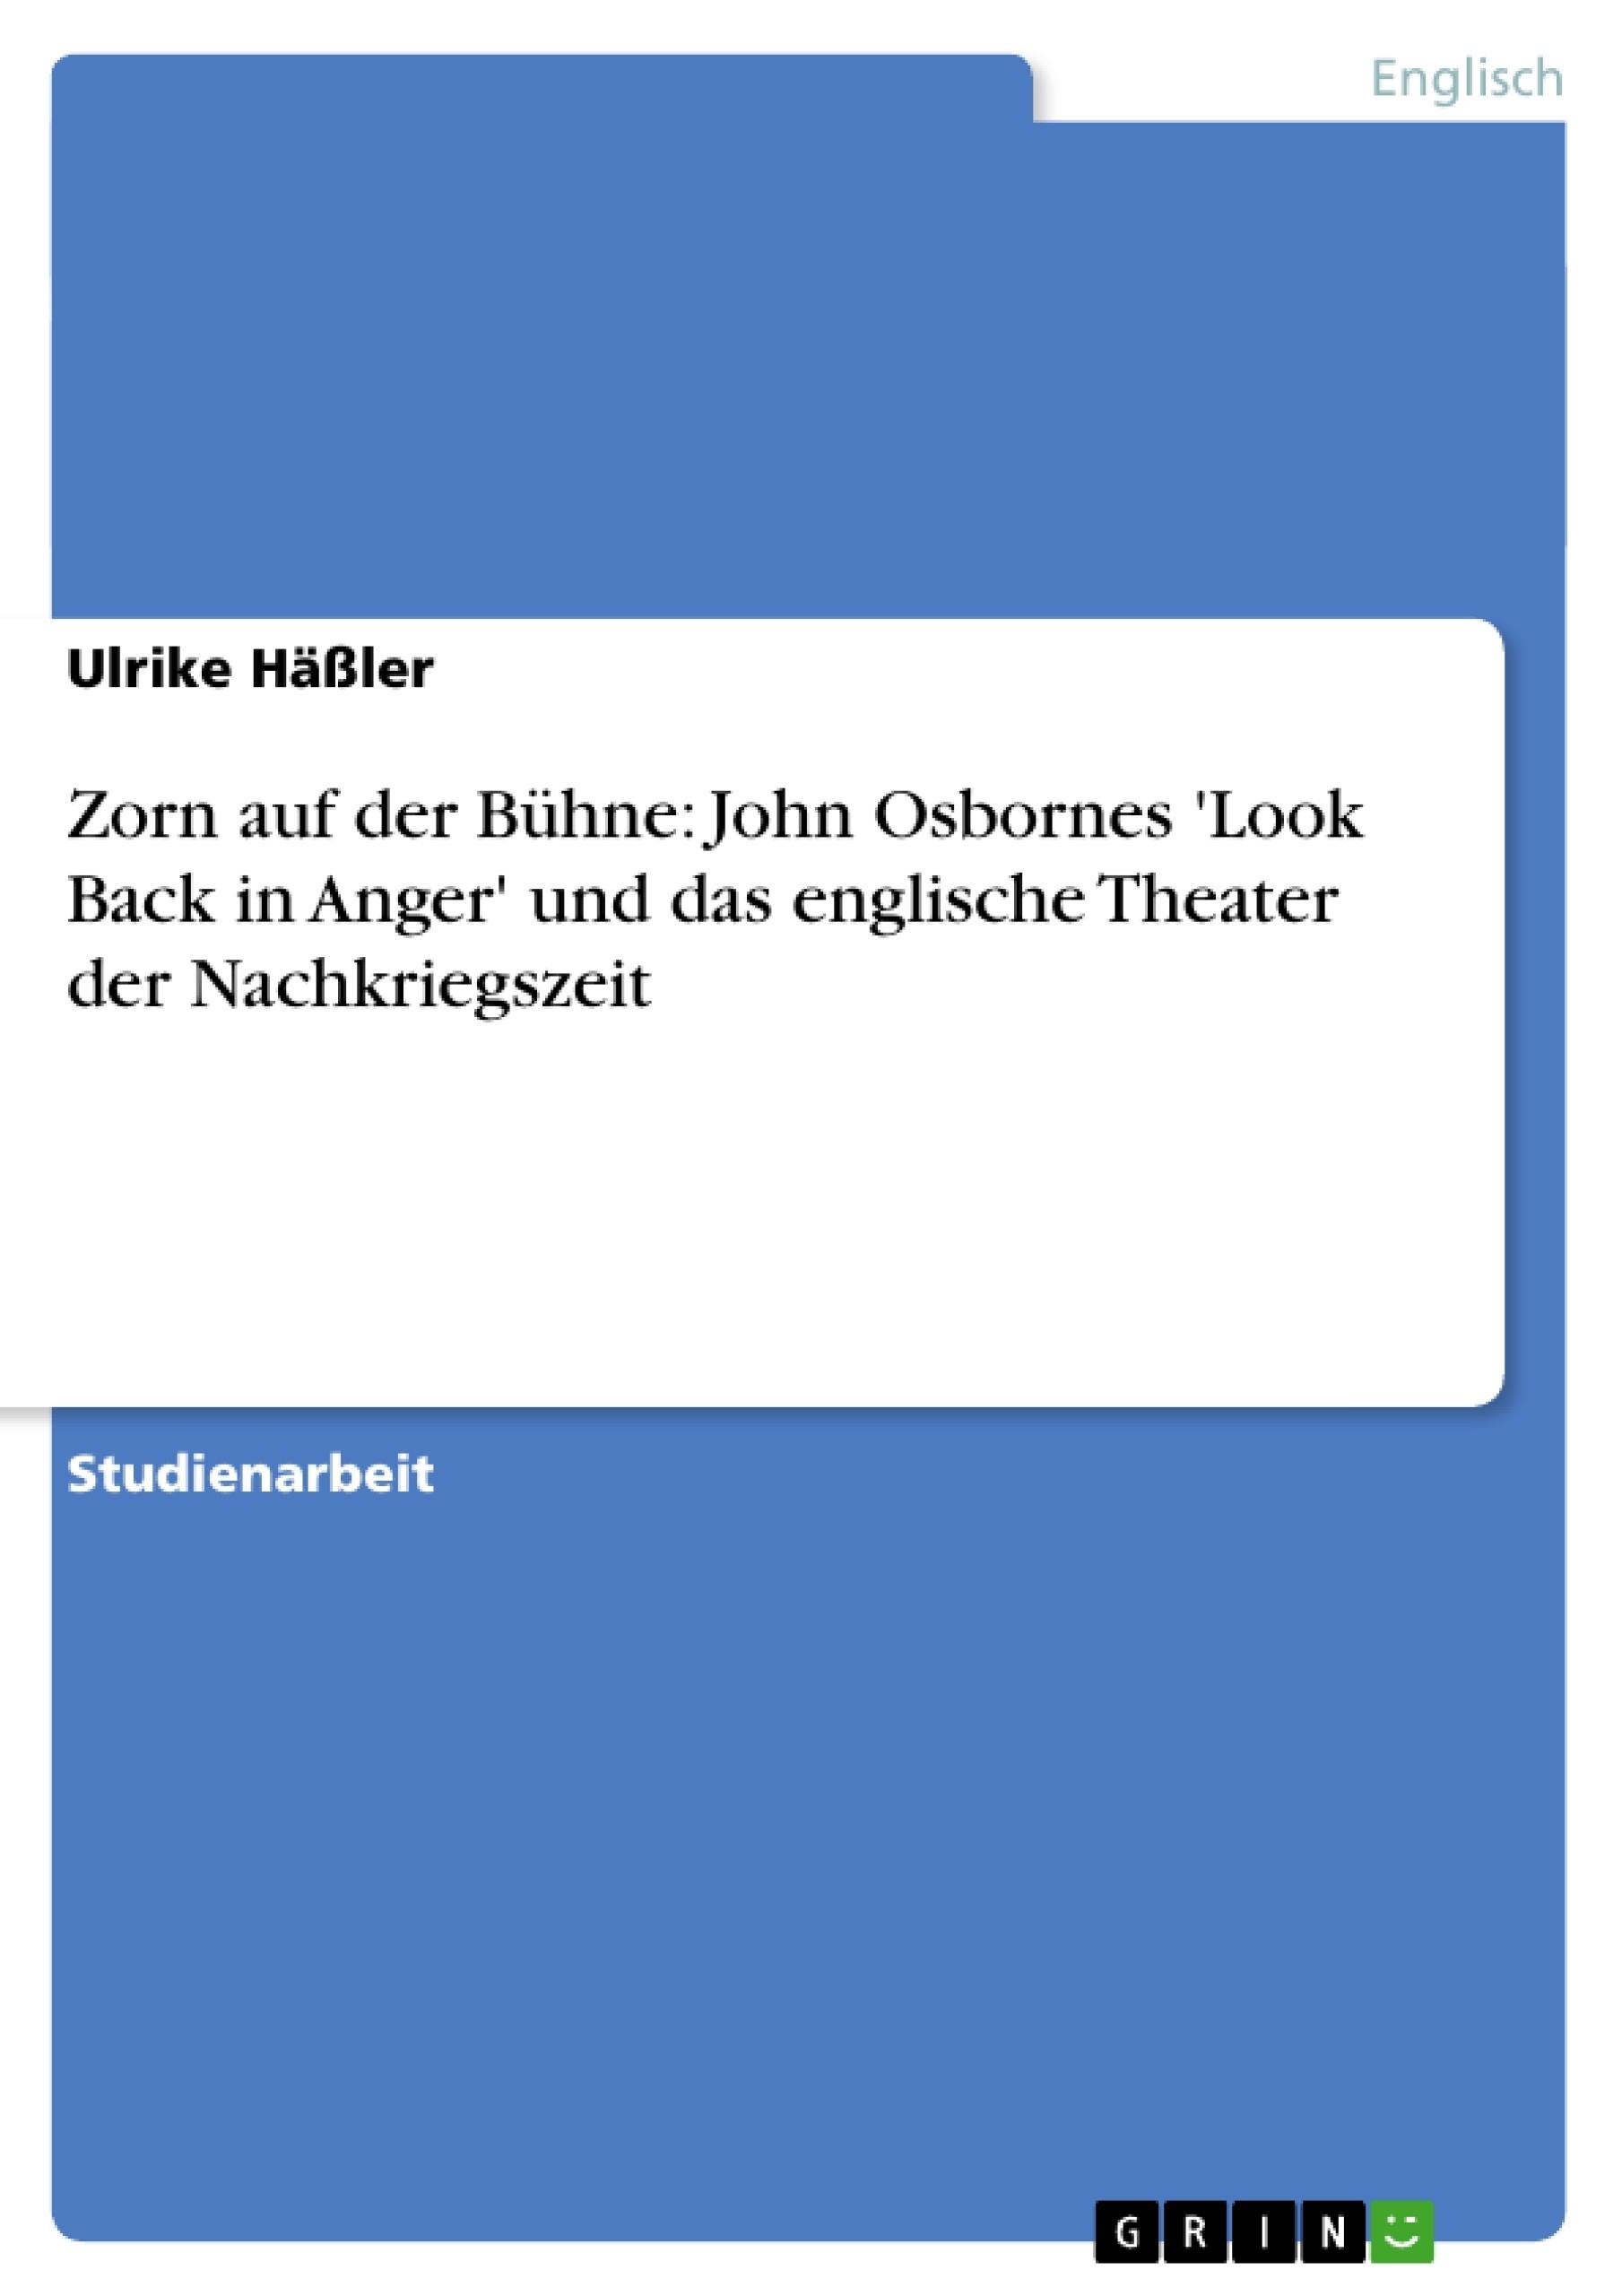 Titel: Zorn auf der Bühne: John Osbornes 'Look Back in Anger' und das englische Theater der Nachkriegszeit